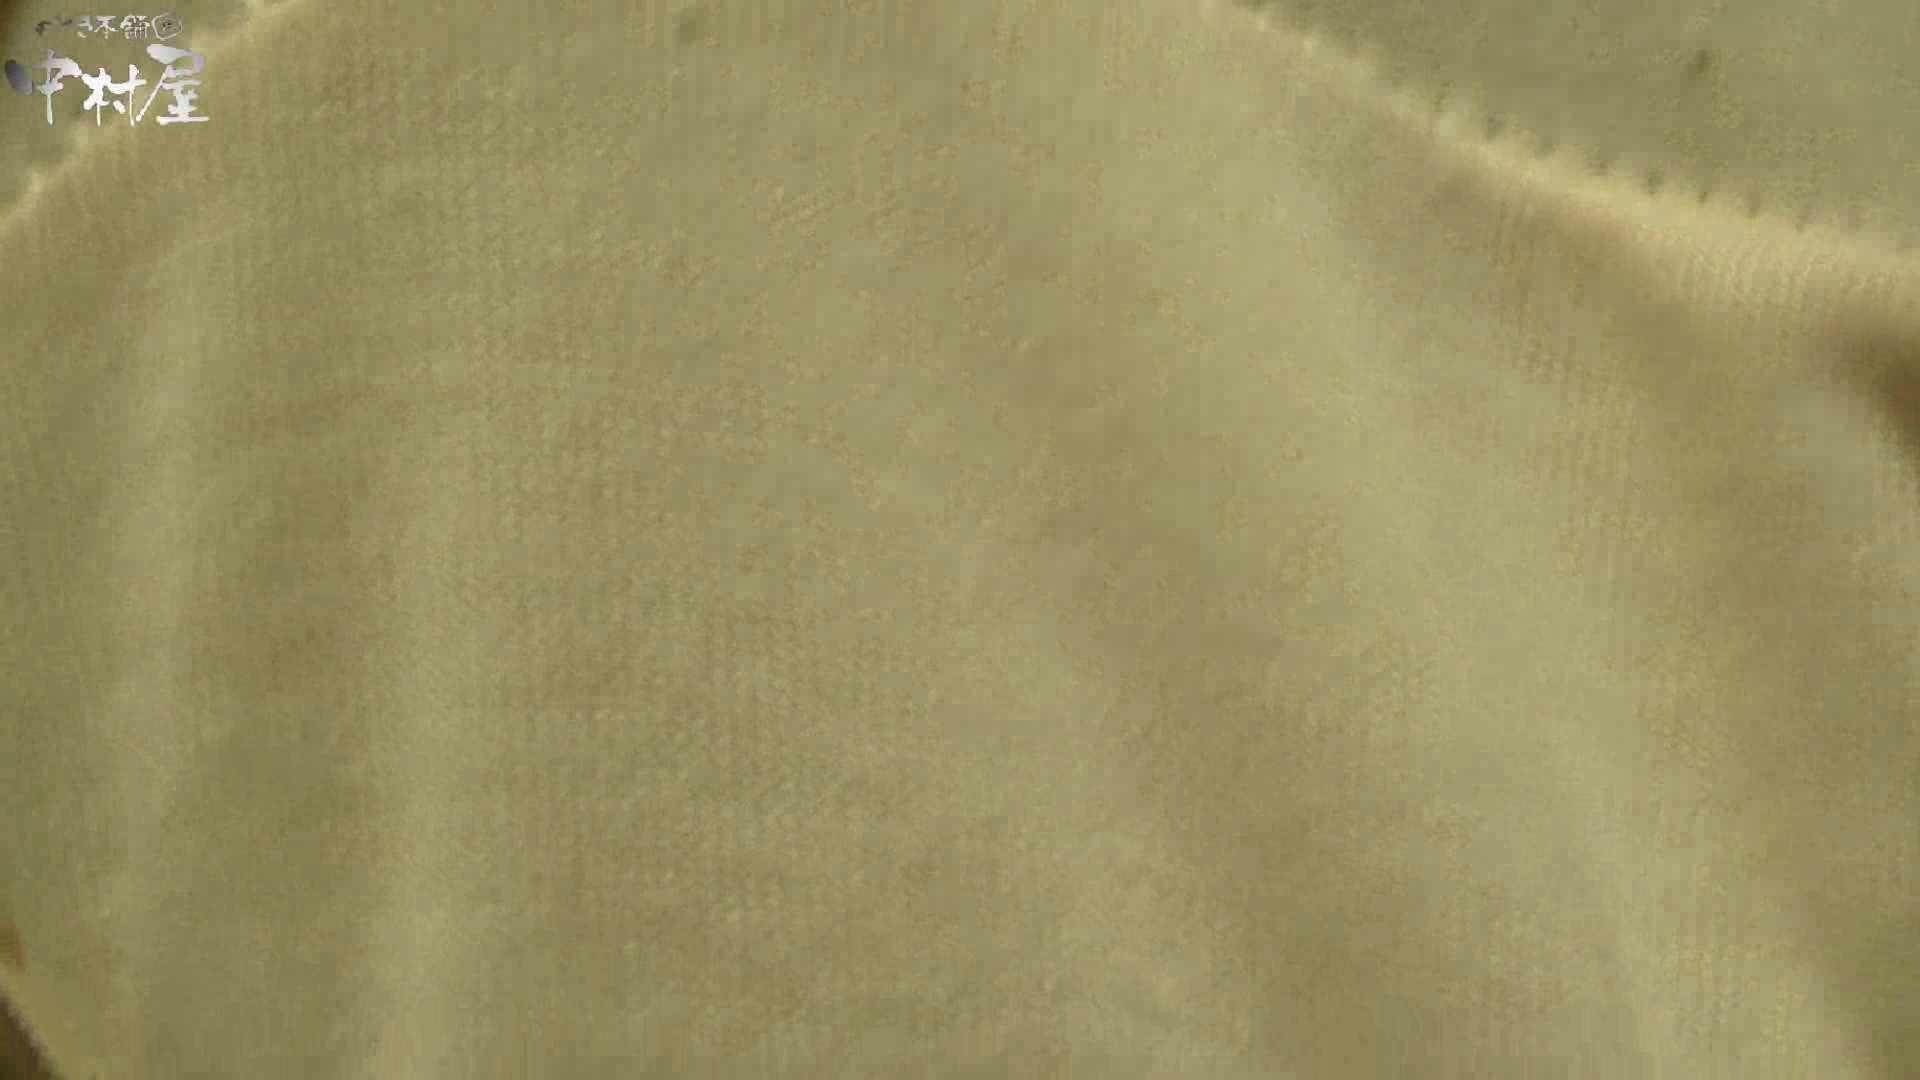 ネムリ姫 vol.31 OLのエロ生活  76連発 49